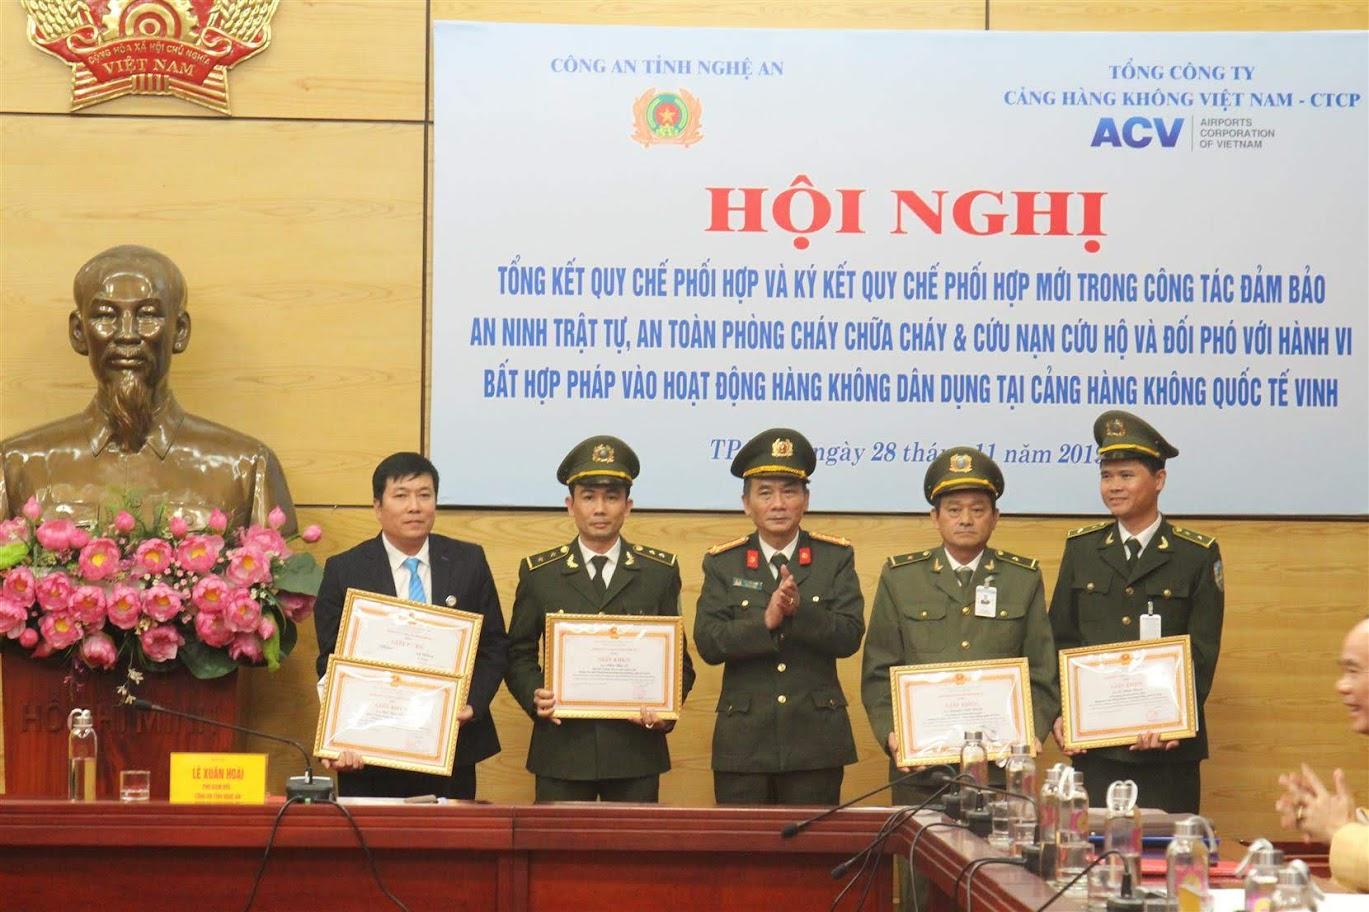 Đồng chí Đại tá Lê Xuân Hoài, Phó giám đốc Công an tỉnh trao giấy khen cho các tập thể, cá nhân có thành tích xuất sắc